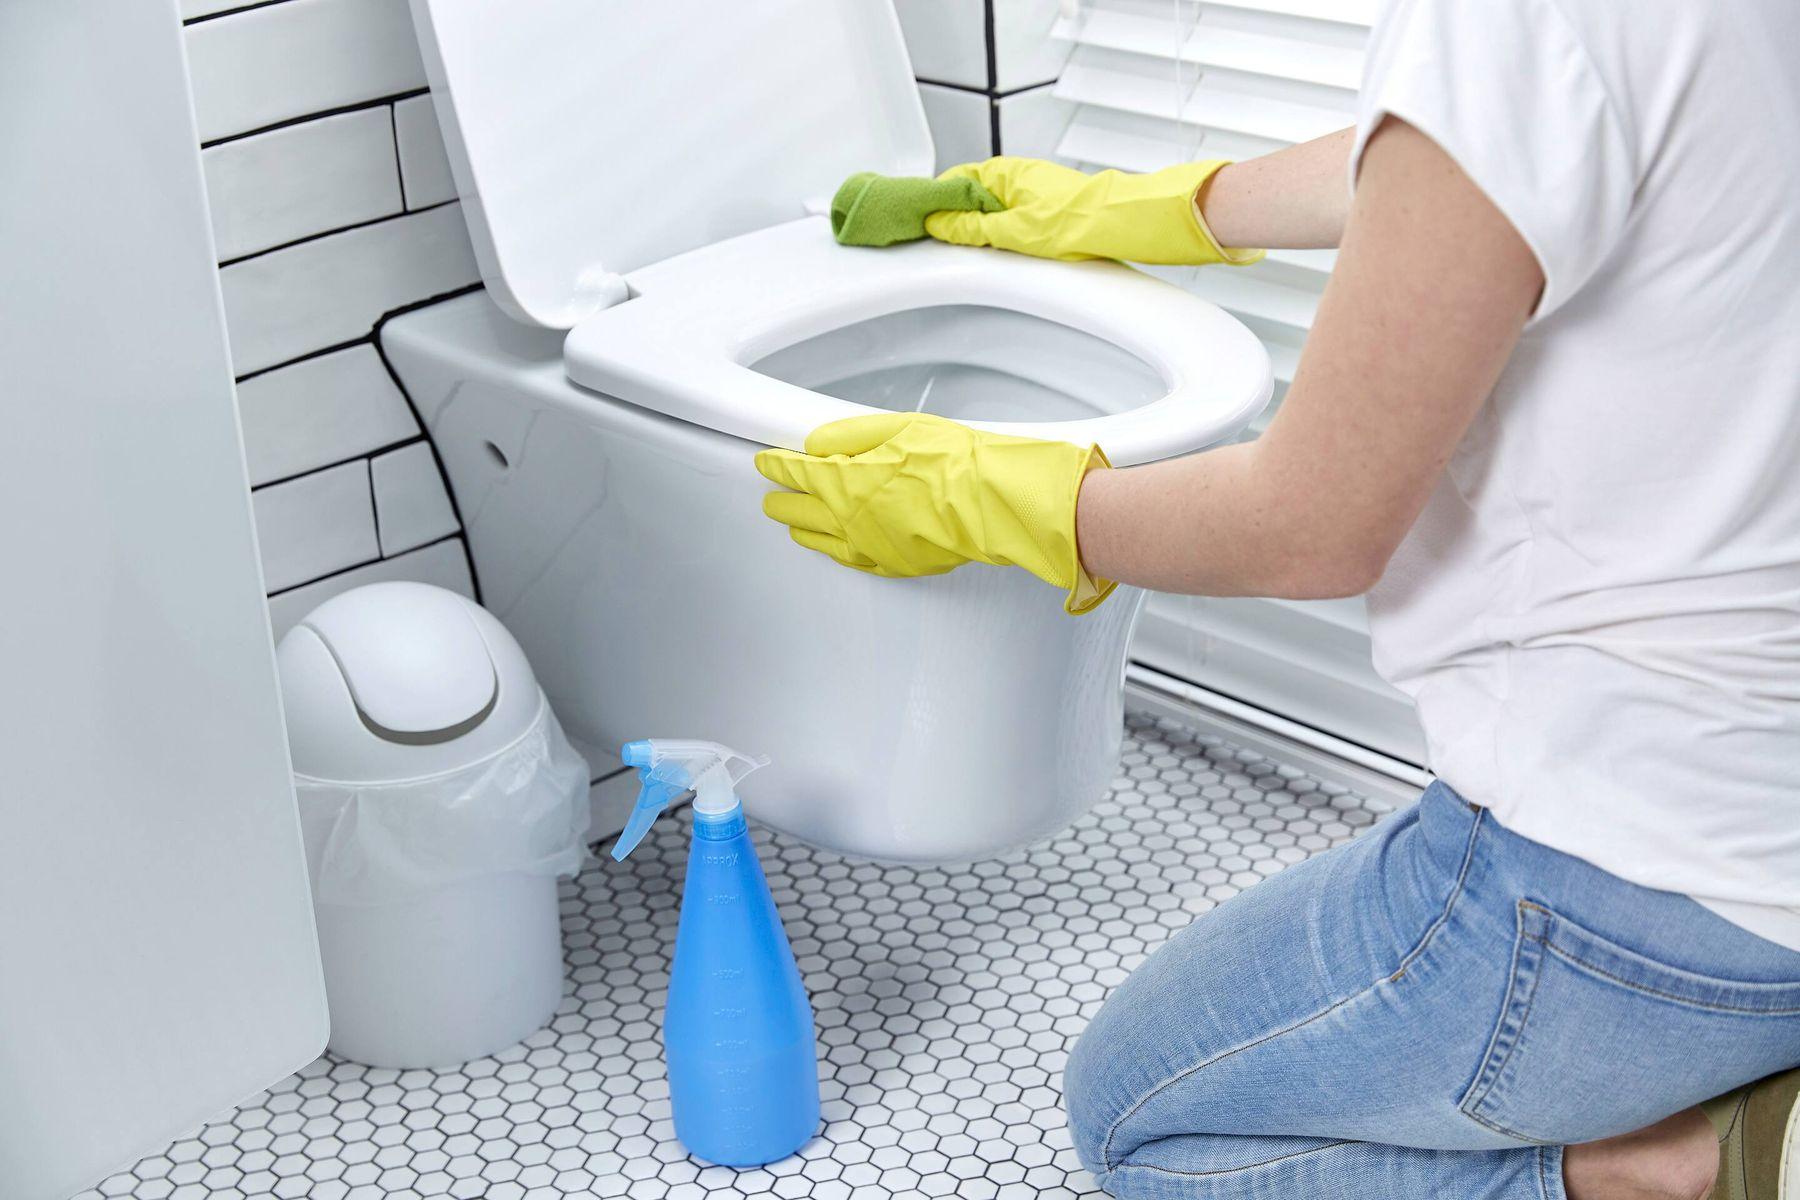 dọn vệ sinh với nước tẩy bồn